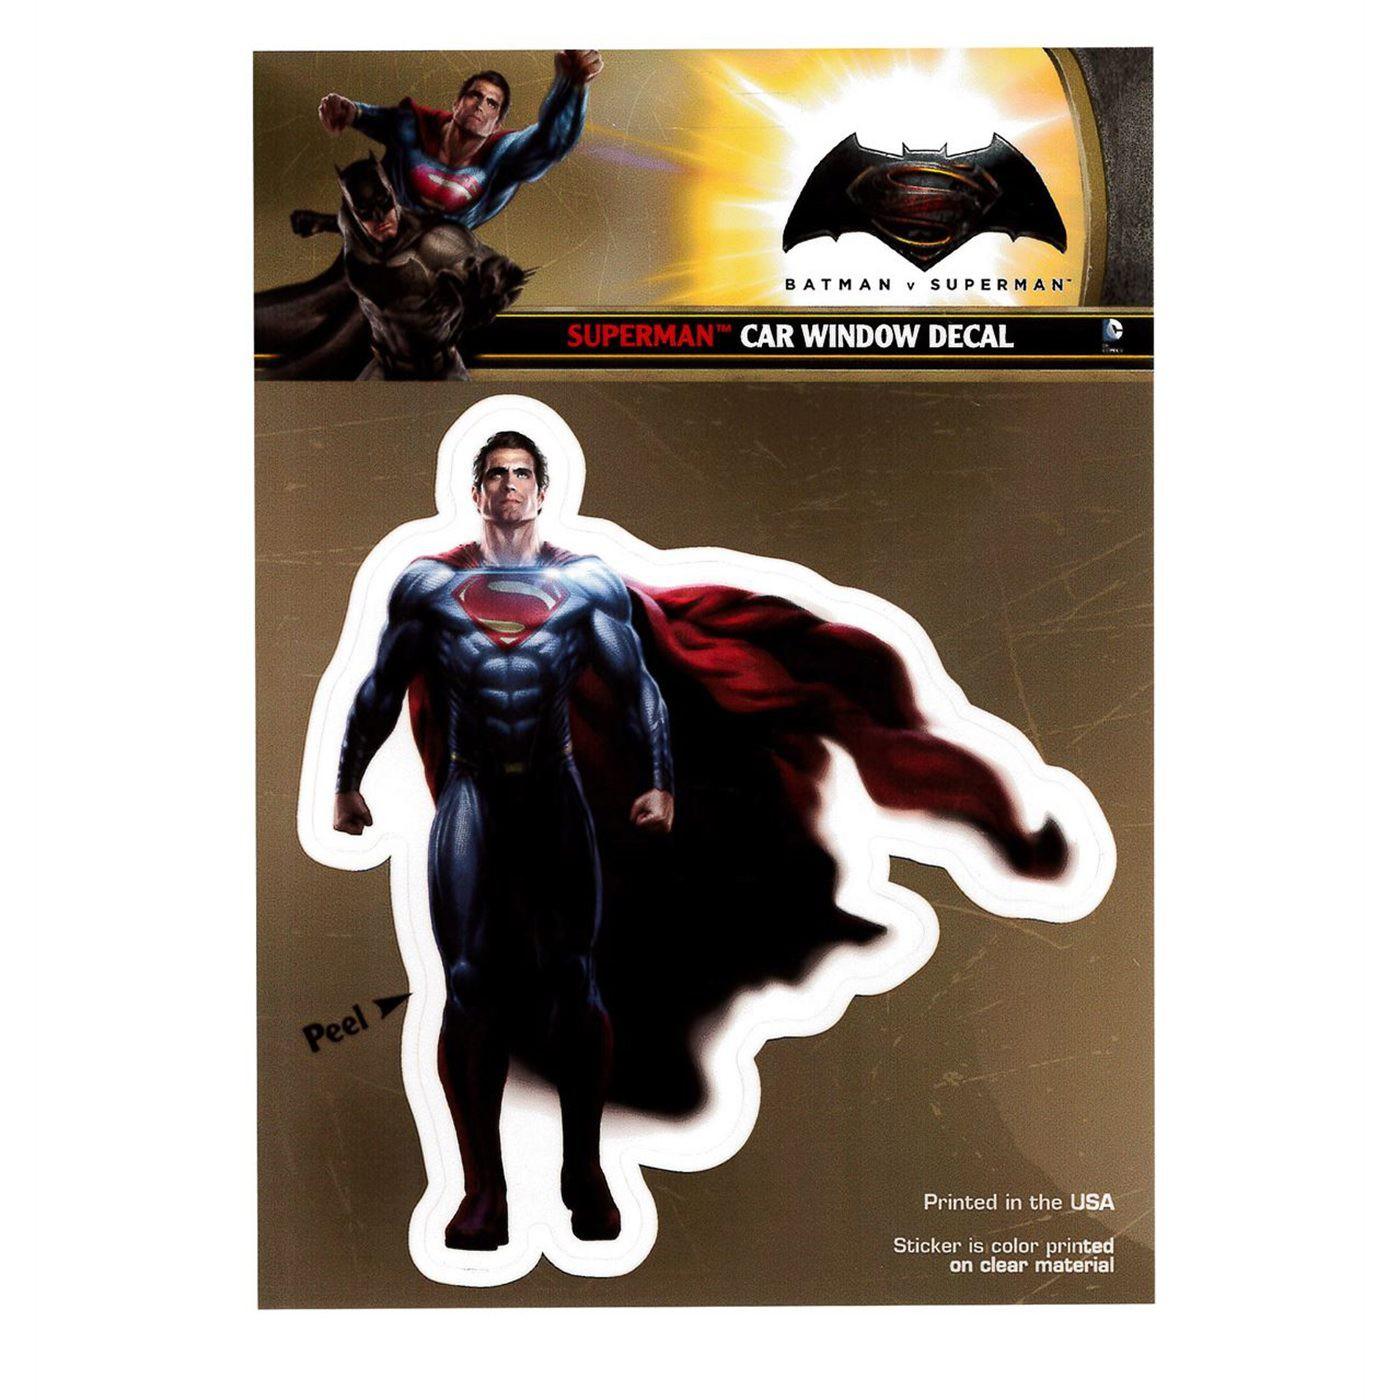 Batman Vs Superman Superman Decal